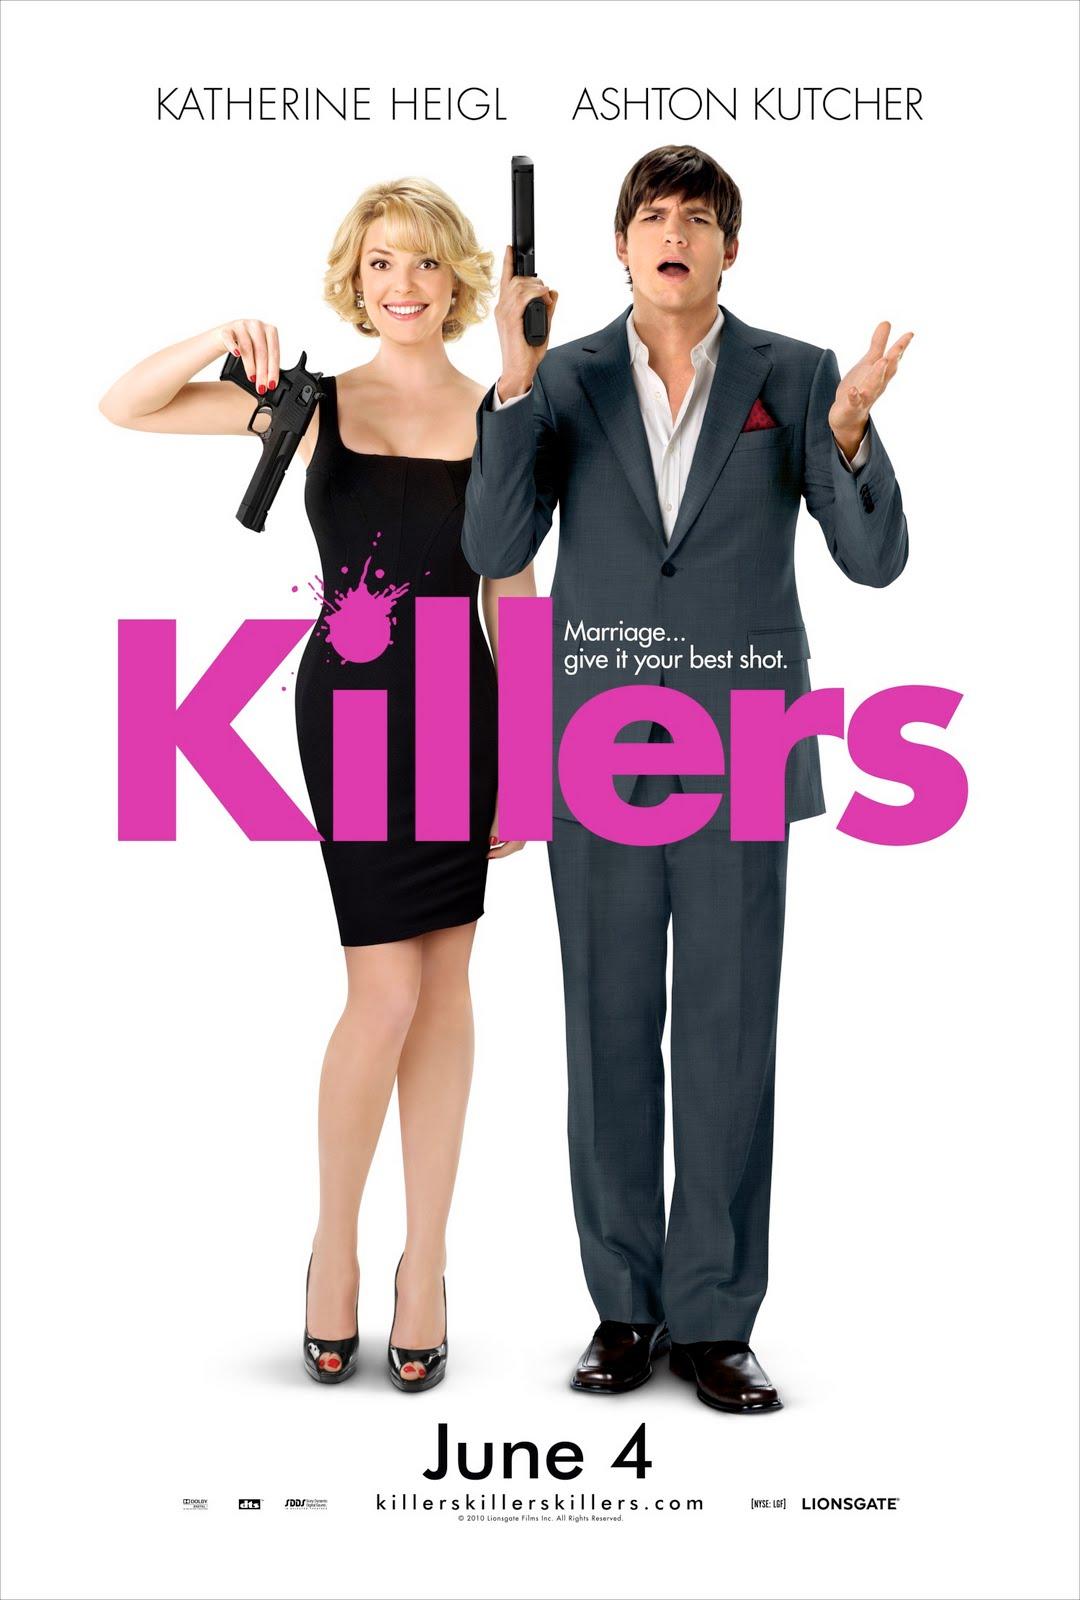 http://1.bp.blogspot.com/_XVp8lsLJlc8/TOCislIsBpI/AAAAAAAAAcA/txN-kQgasMM/s1600/Killers-Poster.jpg